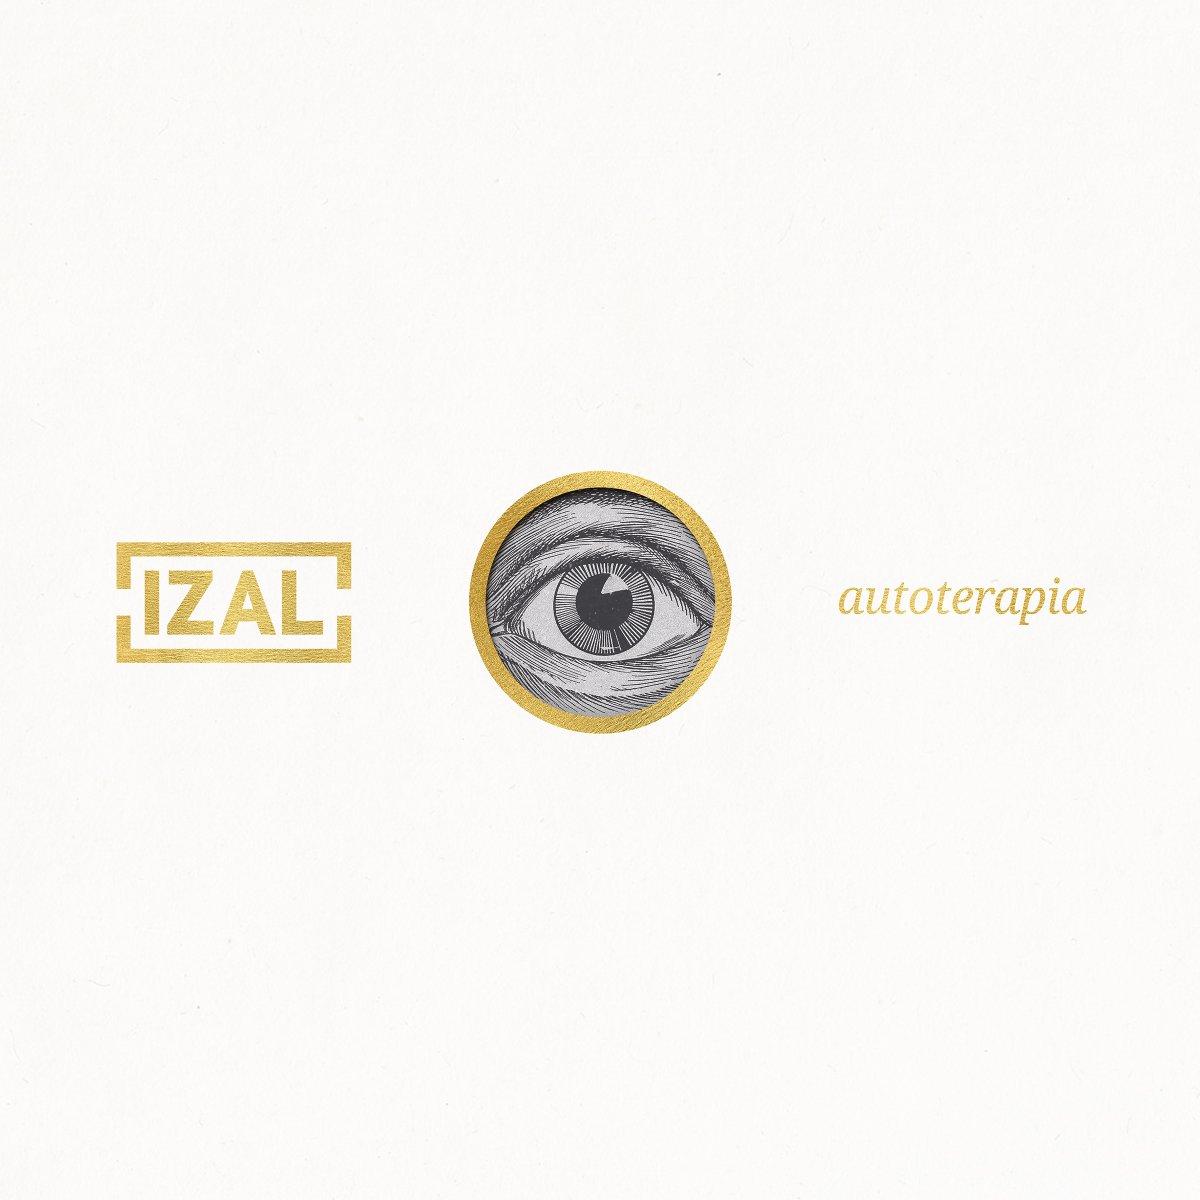 """El regreso musical de IZAL se llama """"Autoterapia"""""""